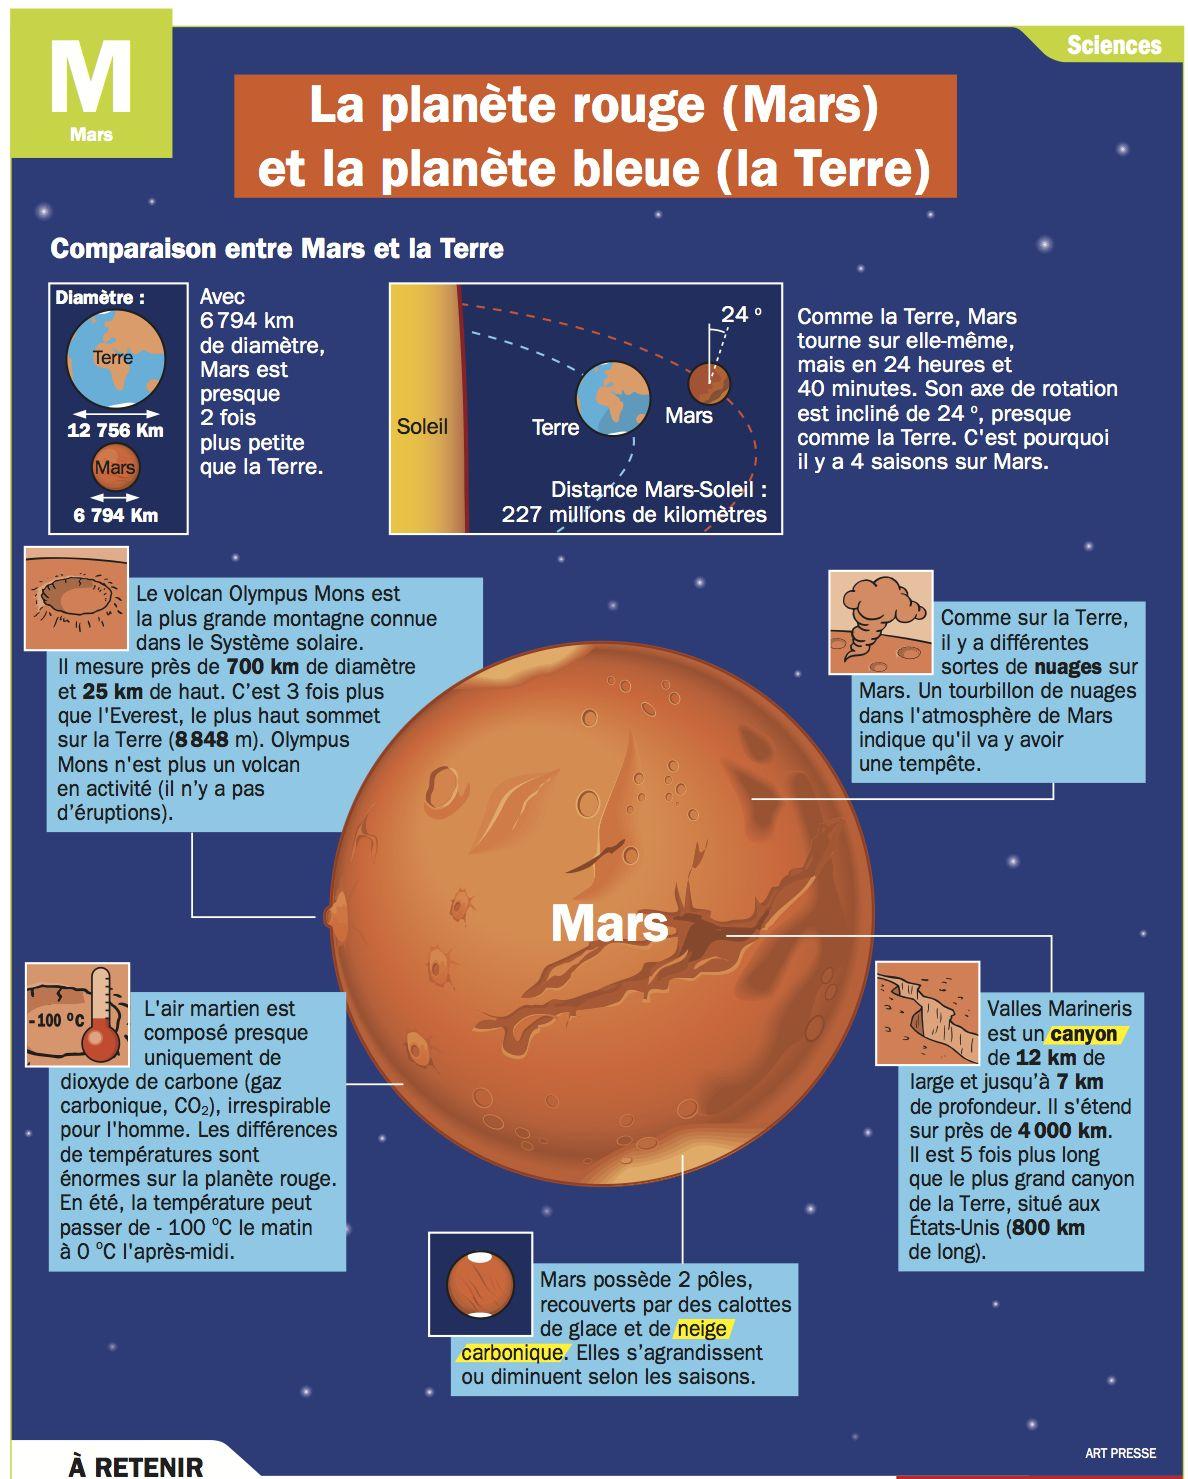 Fabuleux La planète rouge (Mars) et la planète bleue (la Terre) | Science  WK41